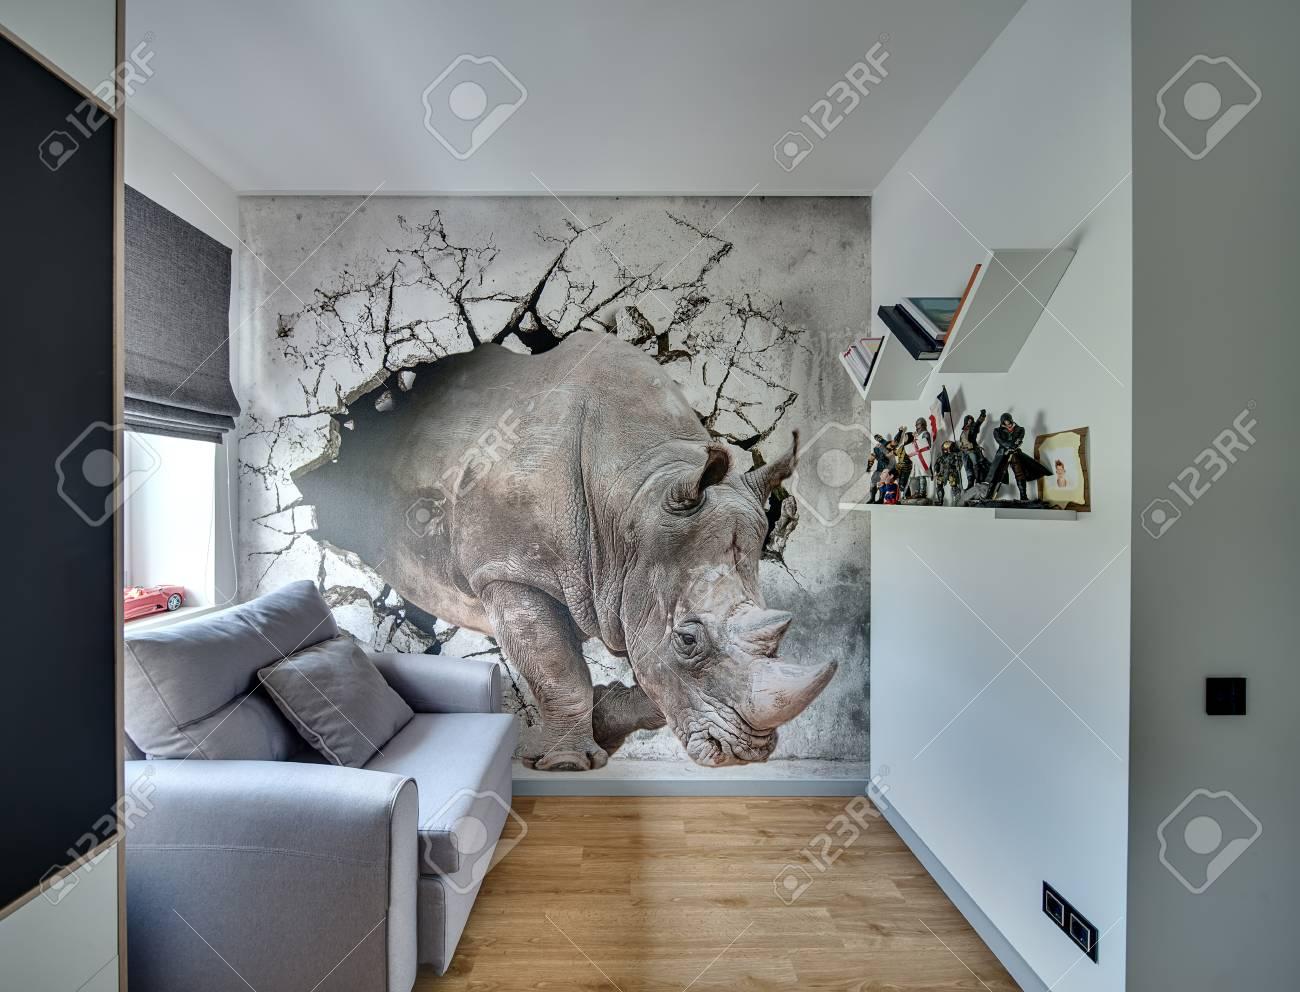 Pareti Con Fotografie : Immagini stock parete con stampa nella stanza in stile moderno